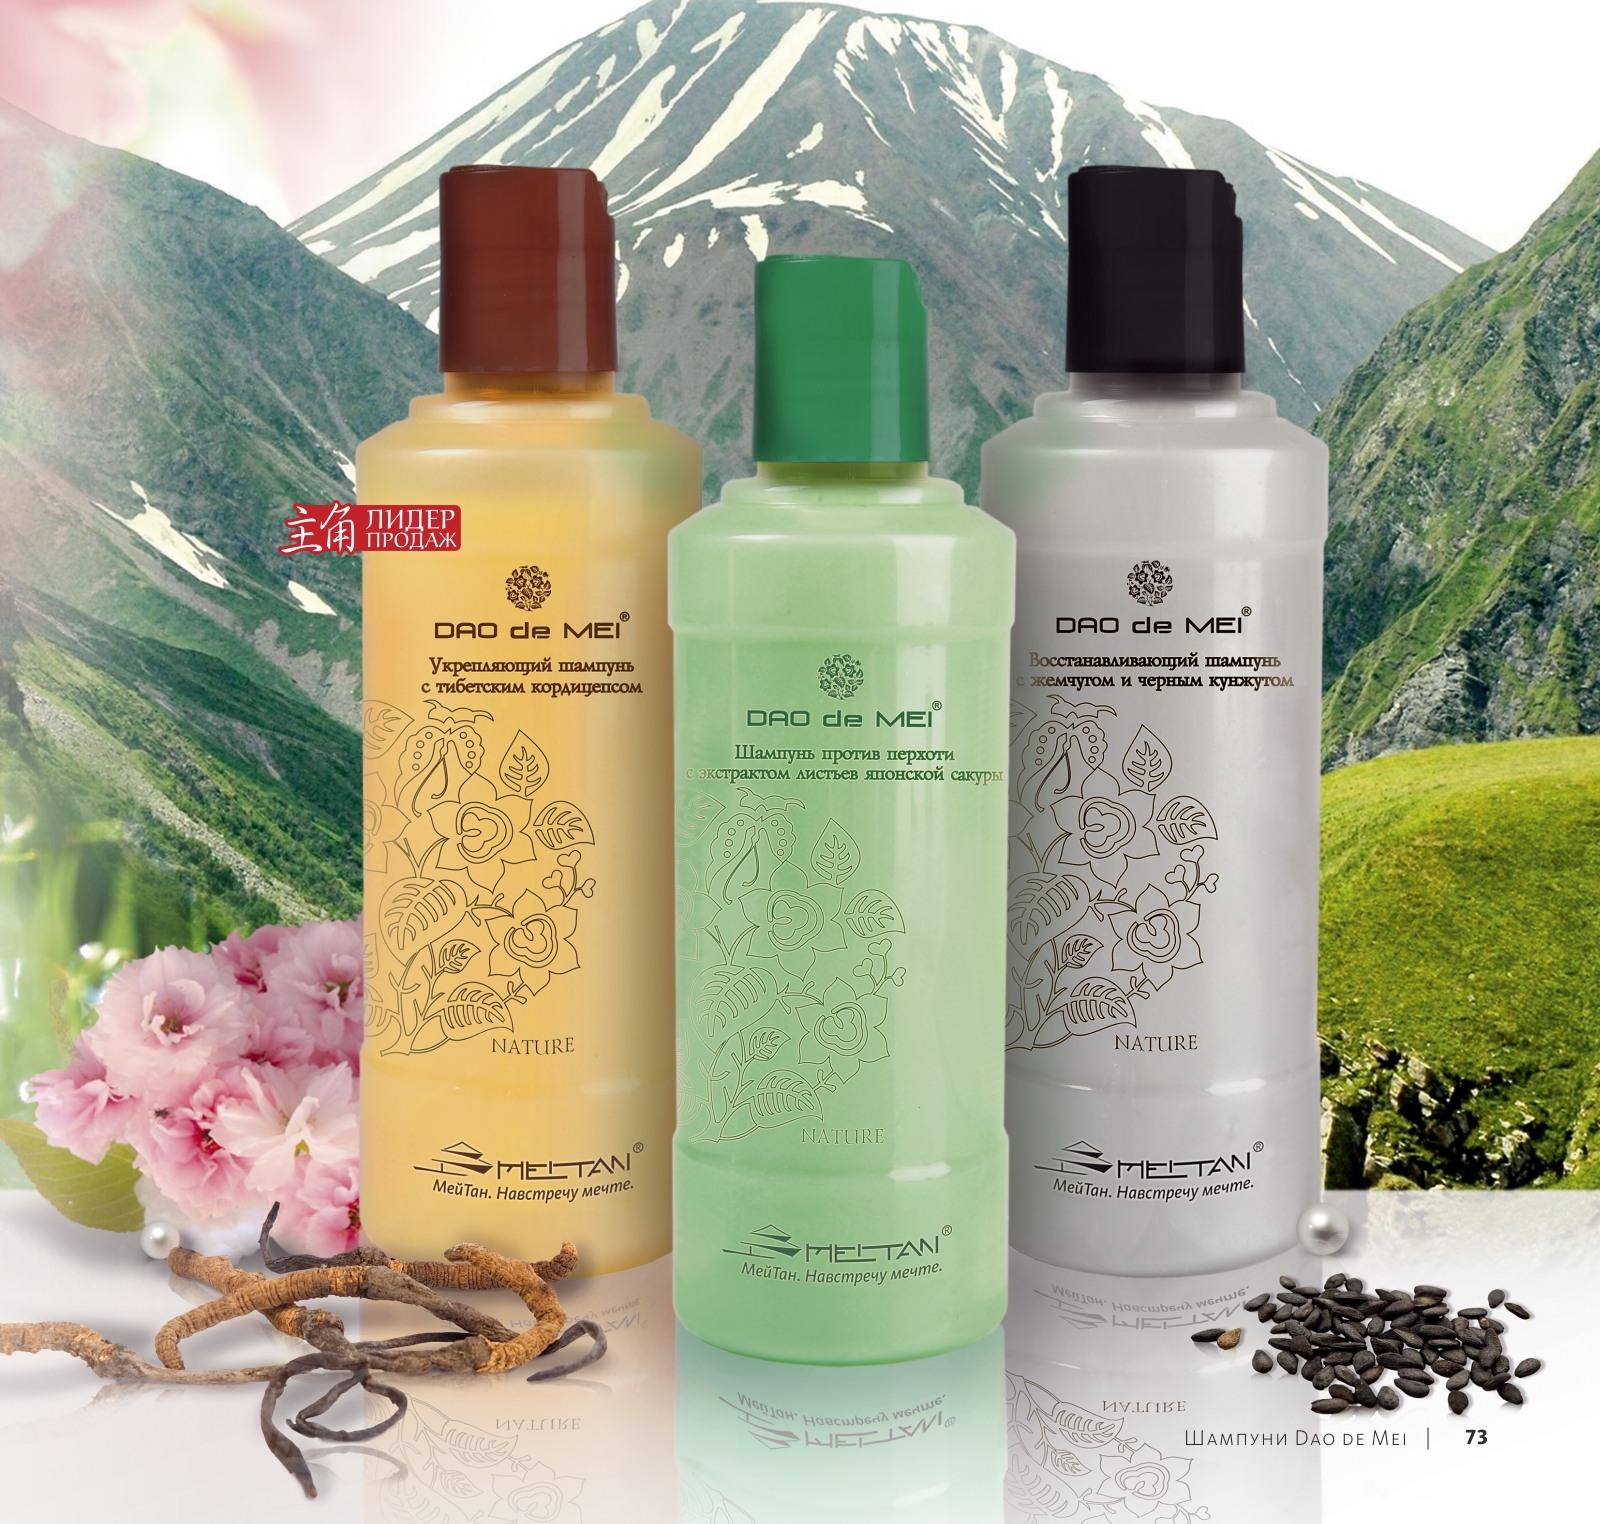 Китайские шампуни для волос: от выпадения, для роста - отзывы, состав, применение.